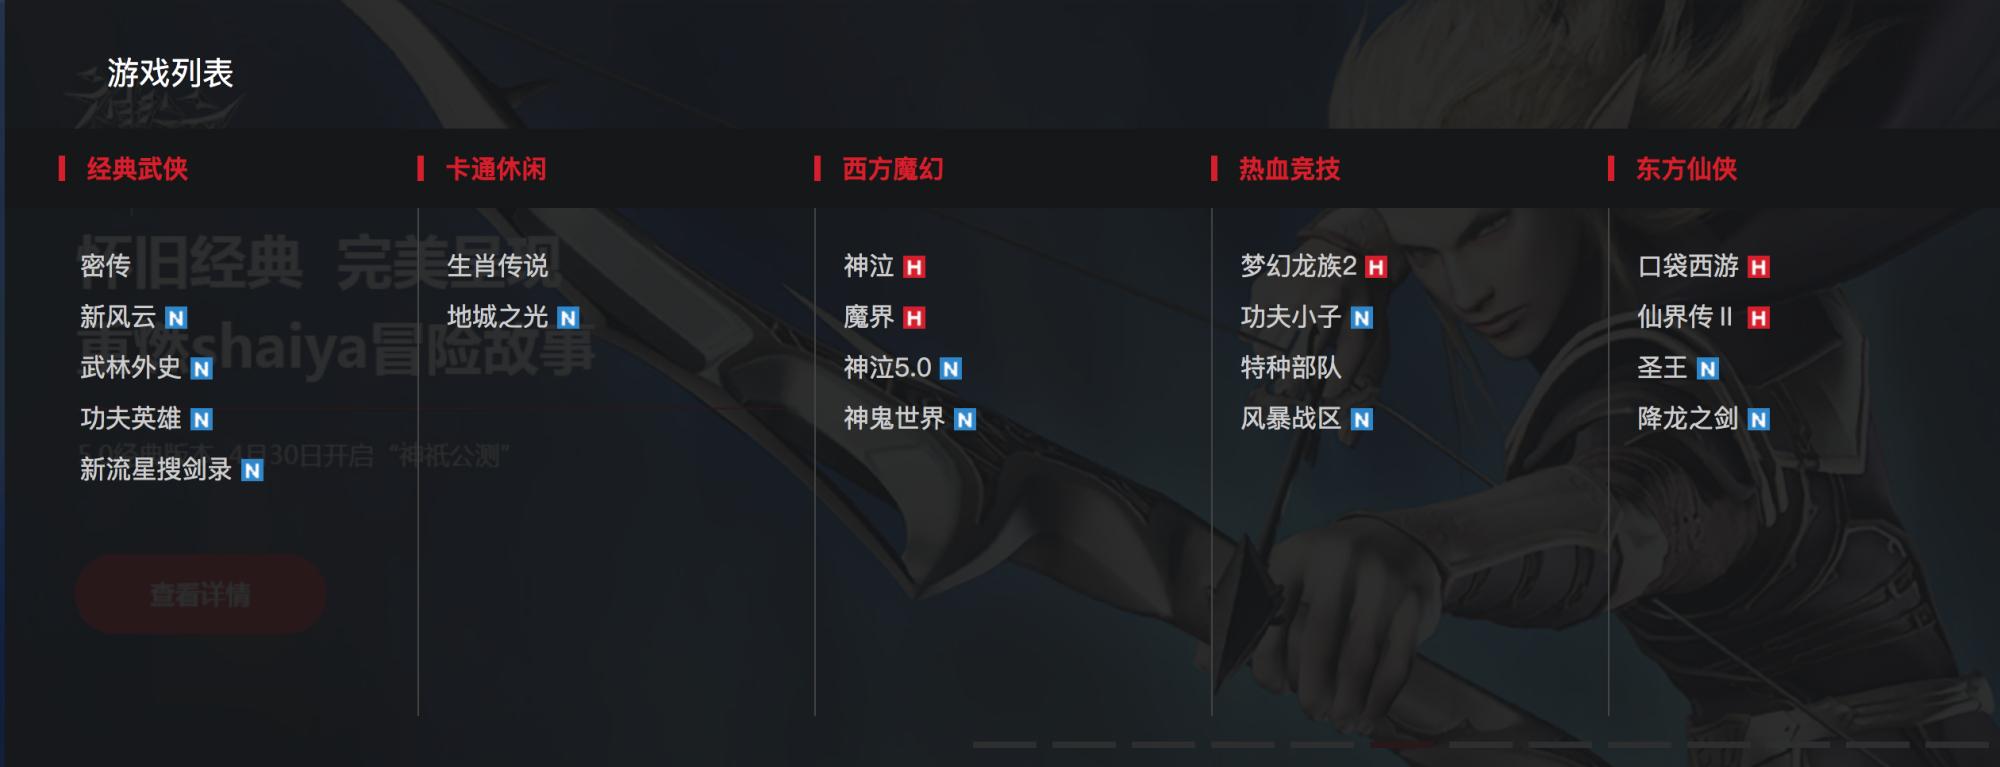 """《【煜星账号注册】网游""""救世主""""?听说这家公司,是玩家最后的希望》"""